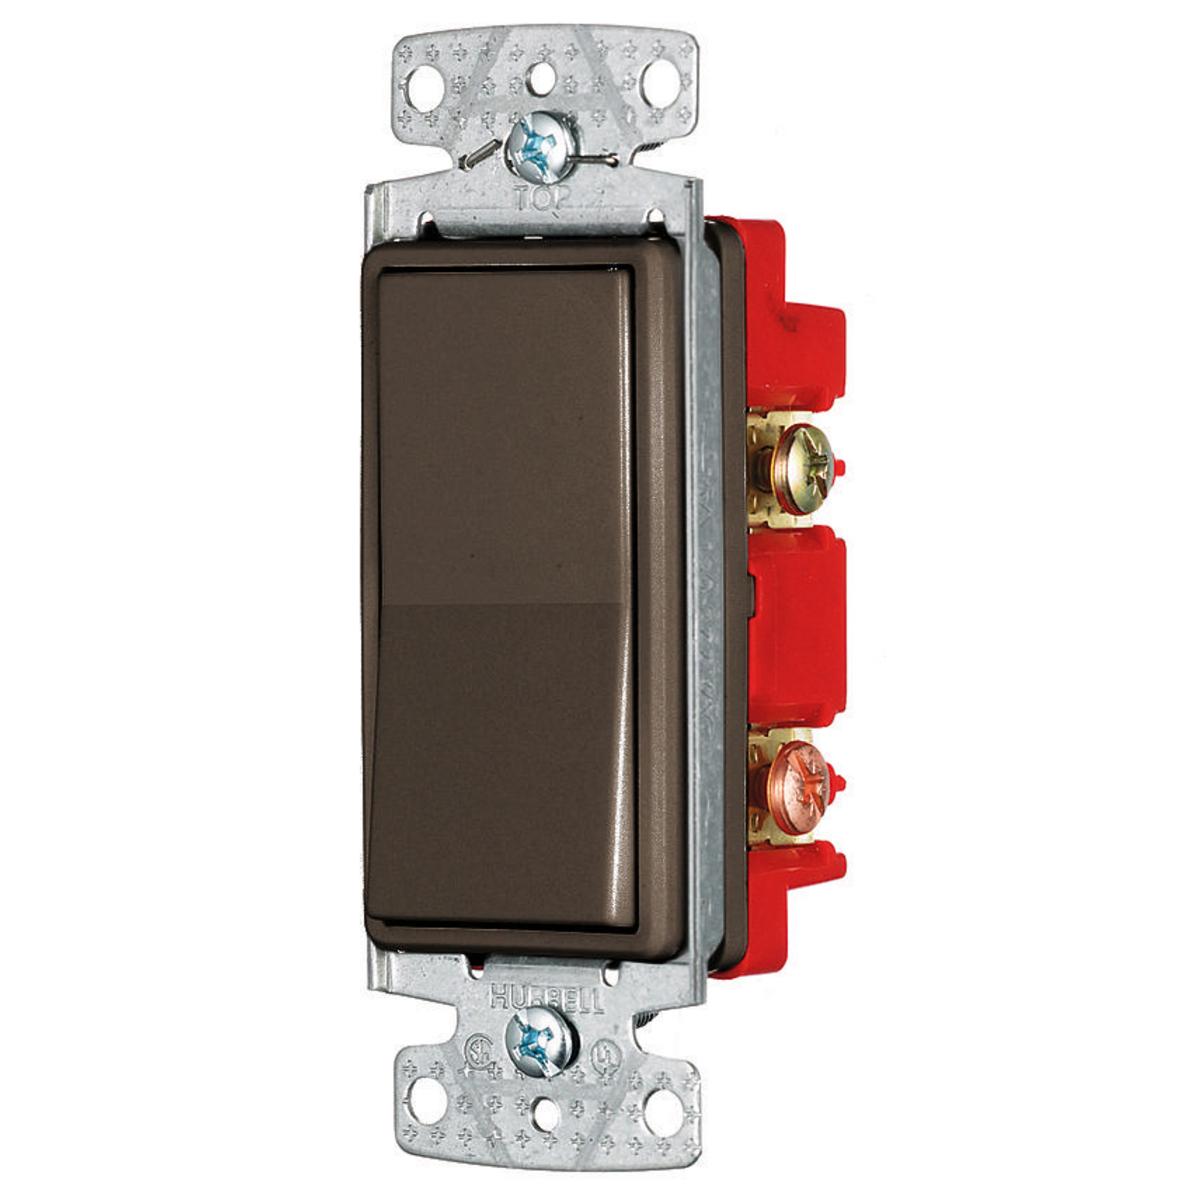 Hubbell RSD415 RESI ROCKER SW, 4W, 15A 120/277V, BR